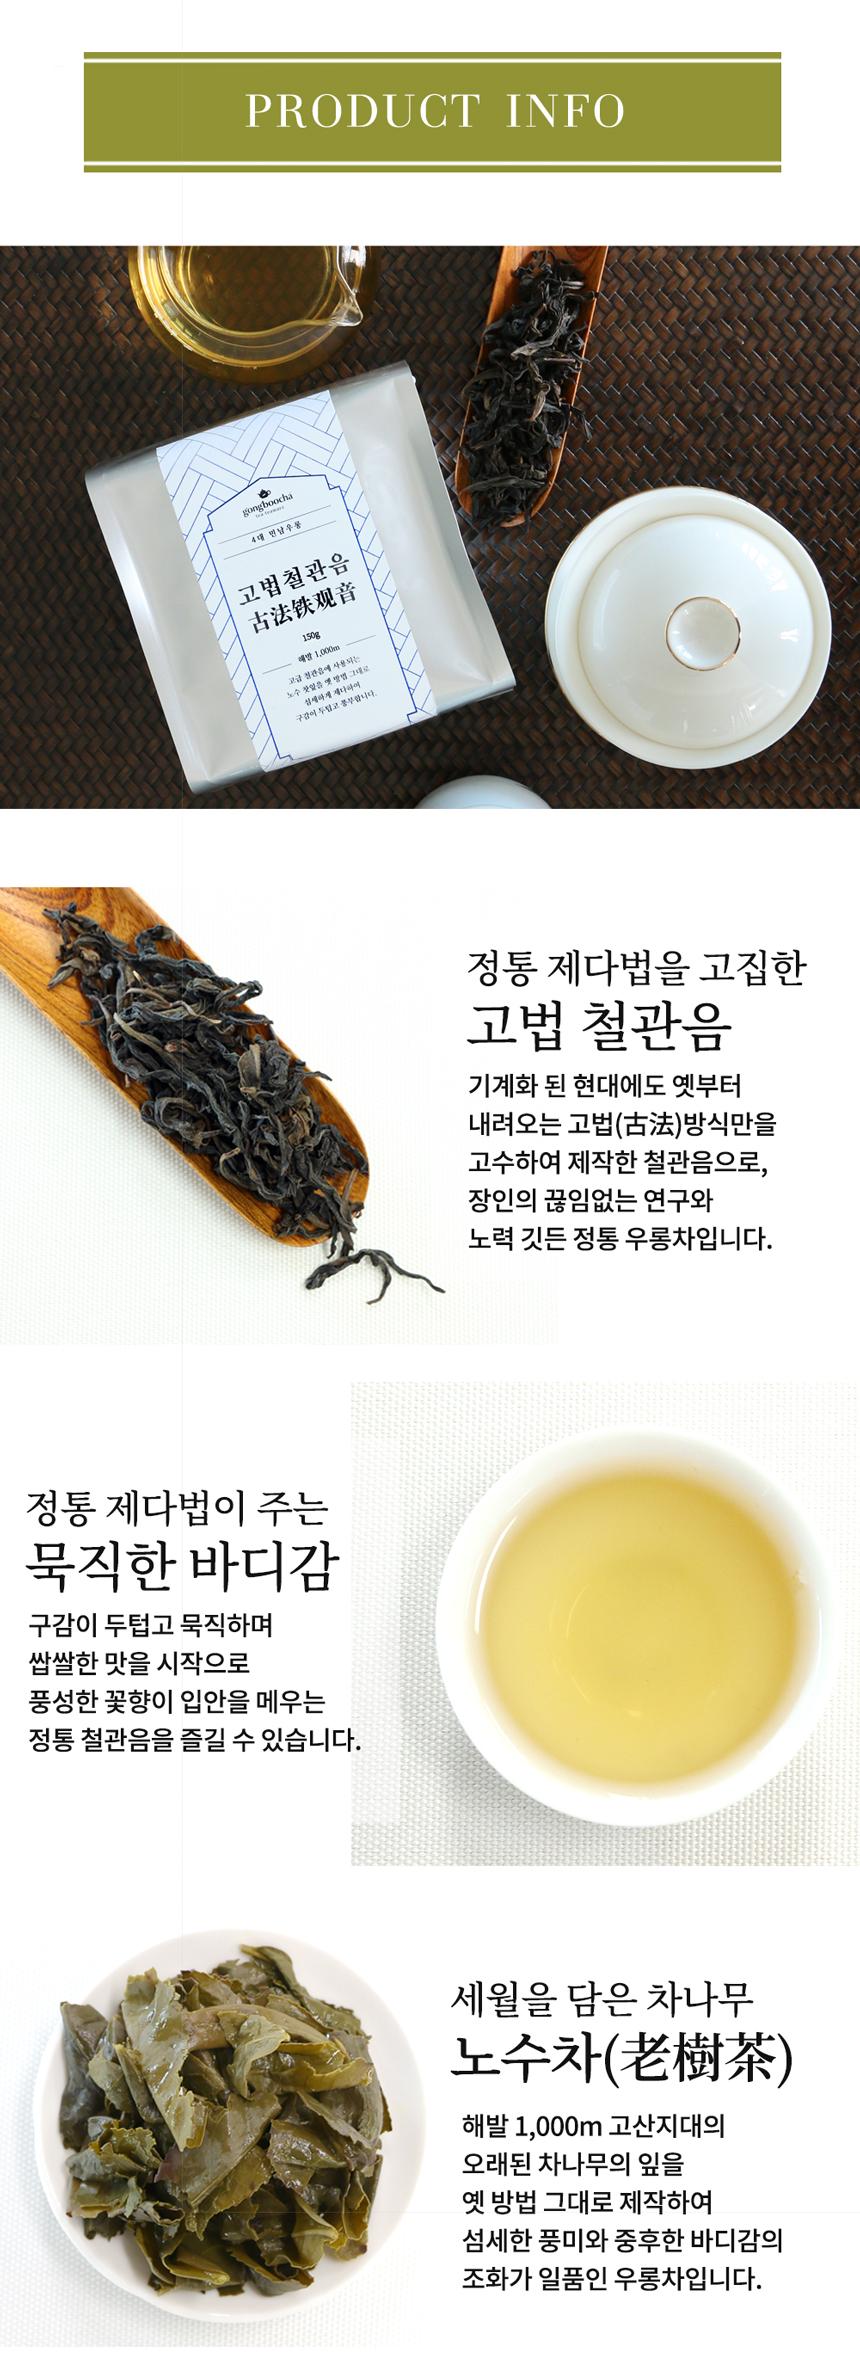 실버파우치_고법철관음2w.jpg